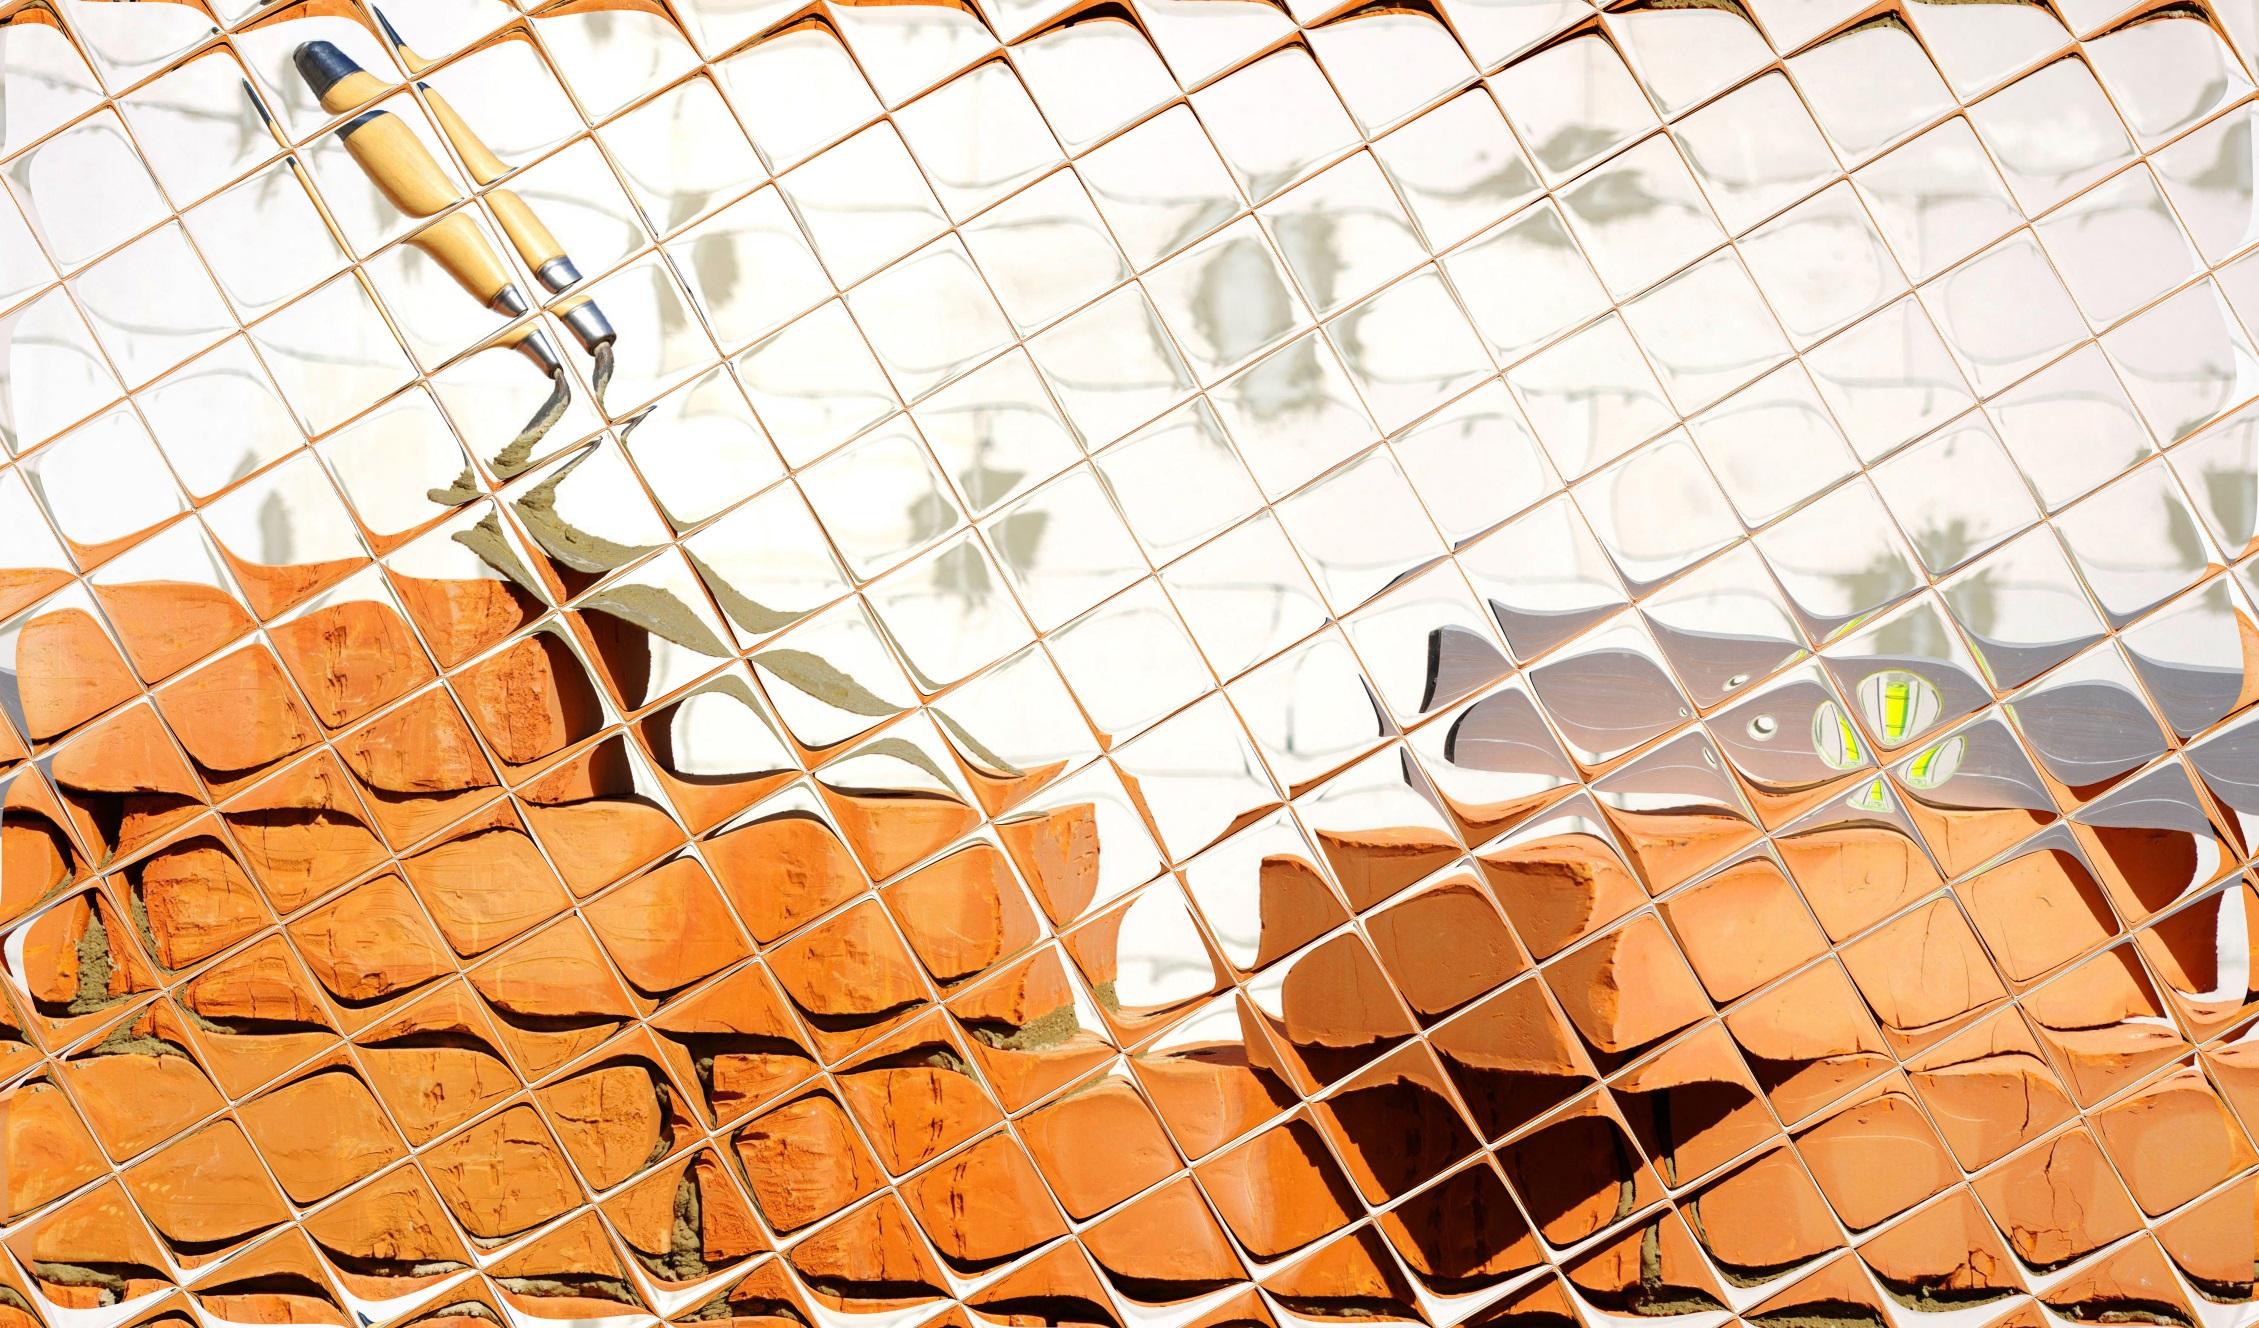 Maçonnerie - Terrassement - Assainissement -VRD - Démolition - Dessouchage - Nivellement de terrain - Aménagement - Forage - Sourcier